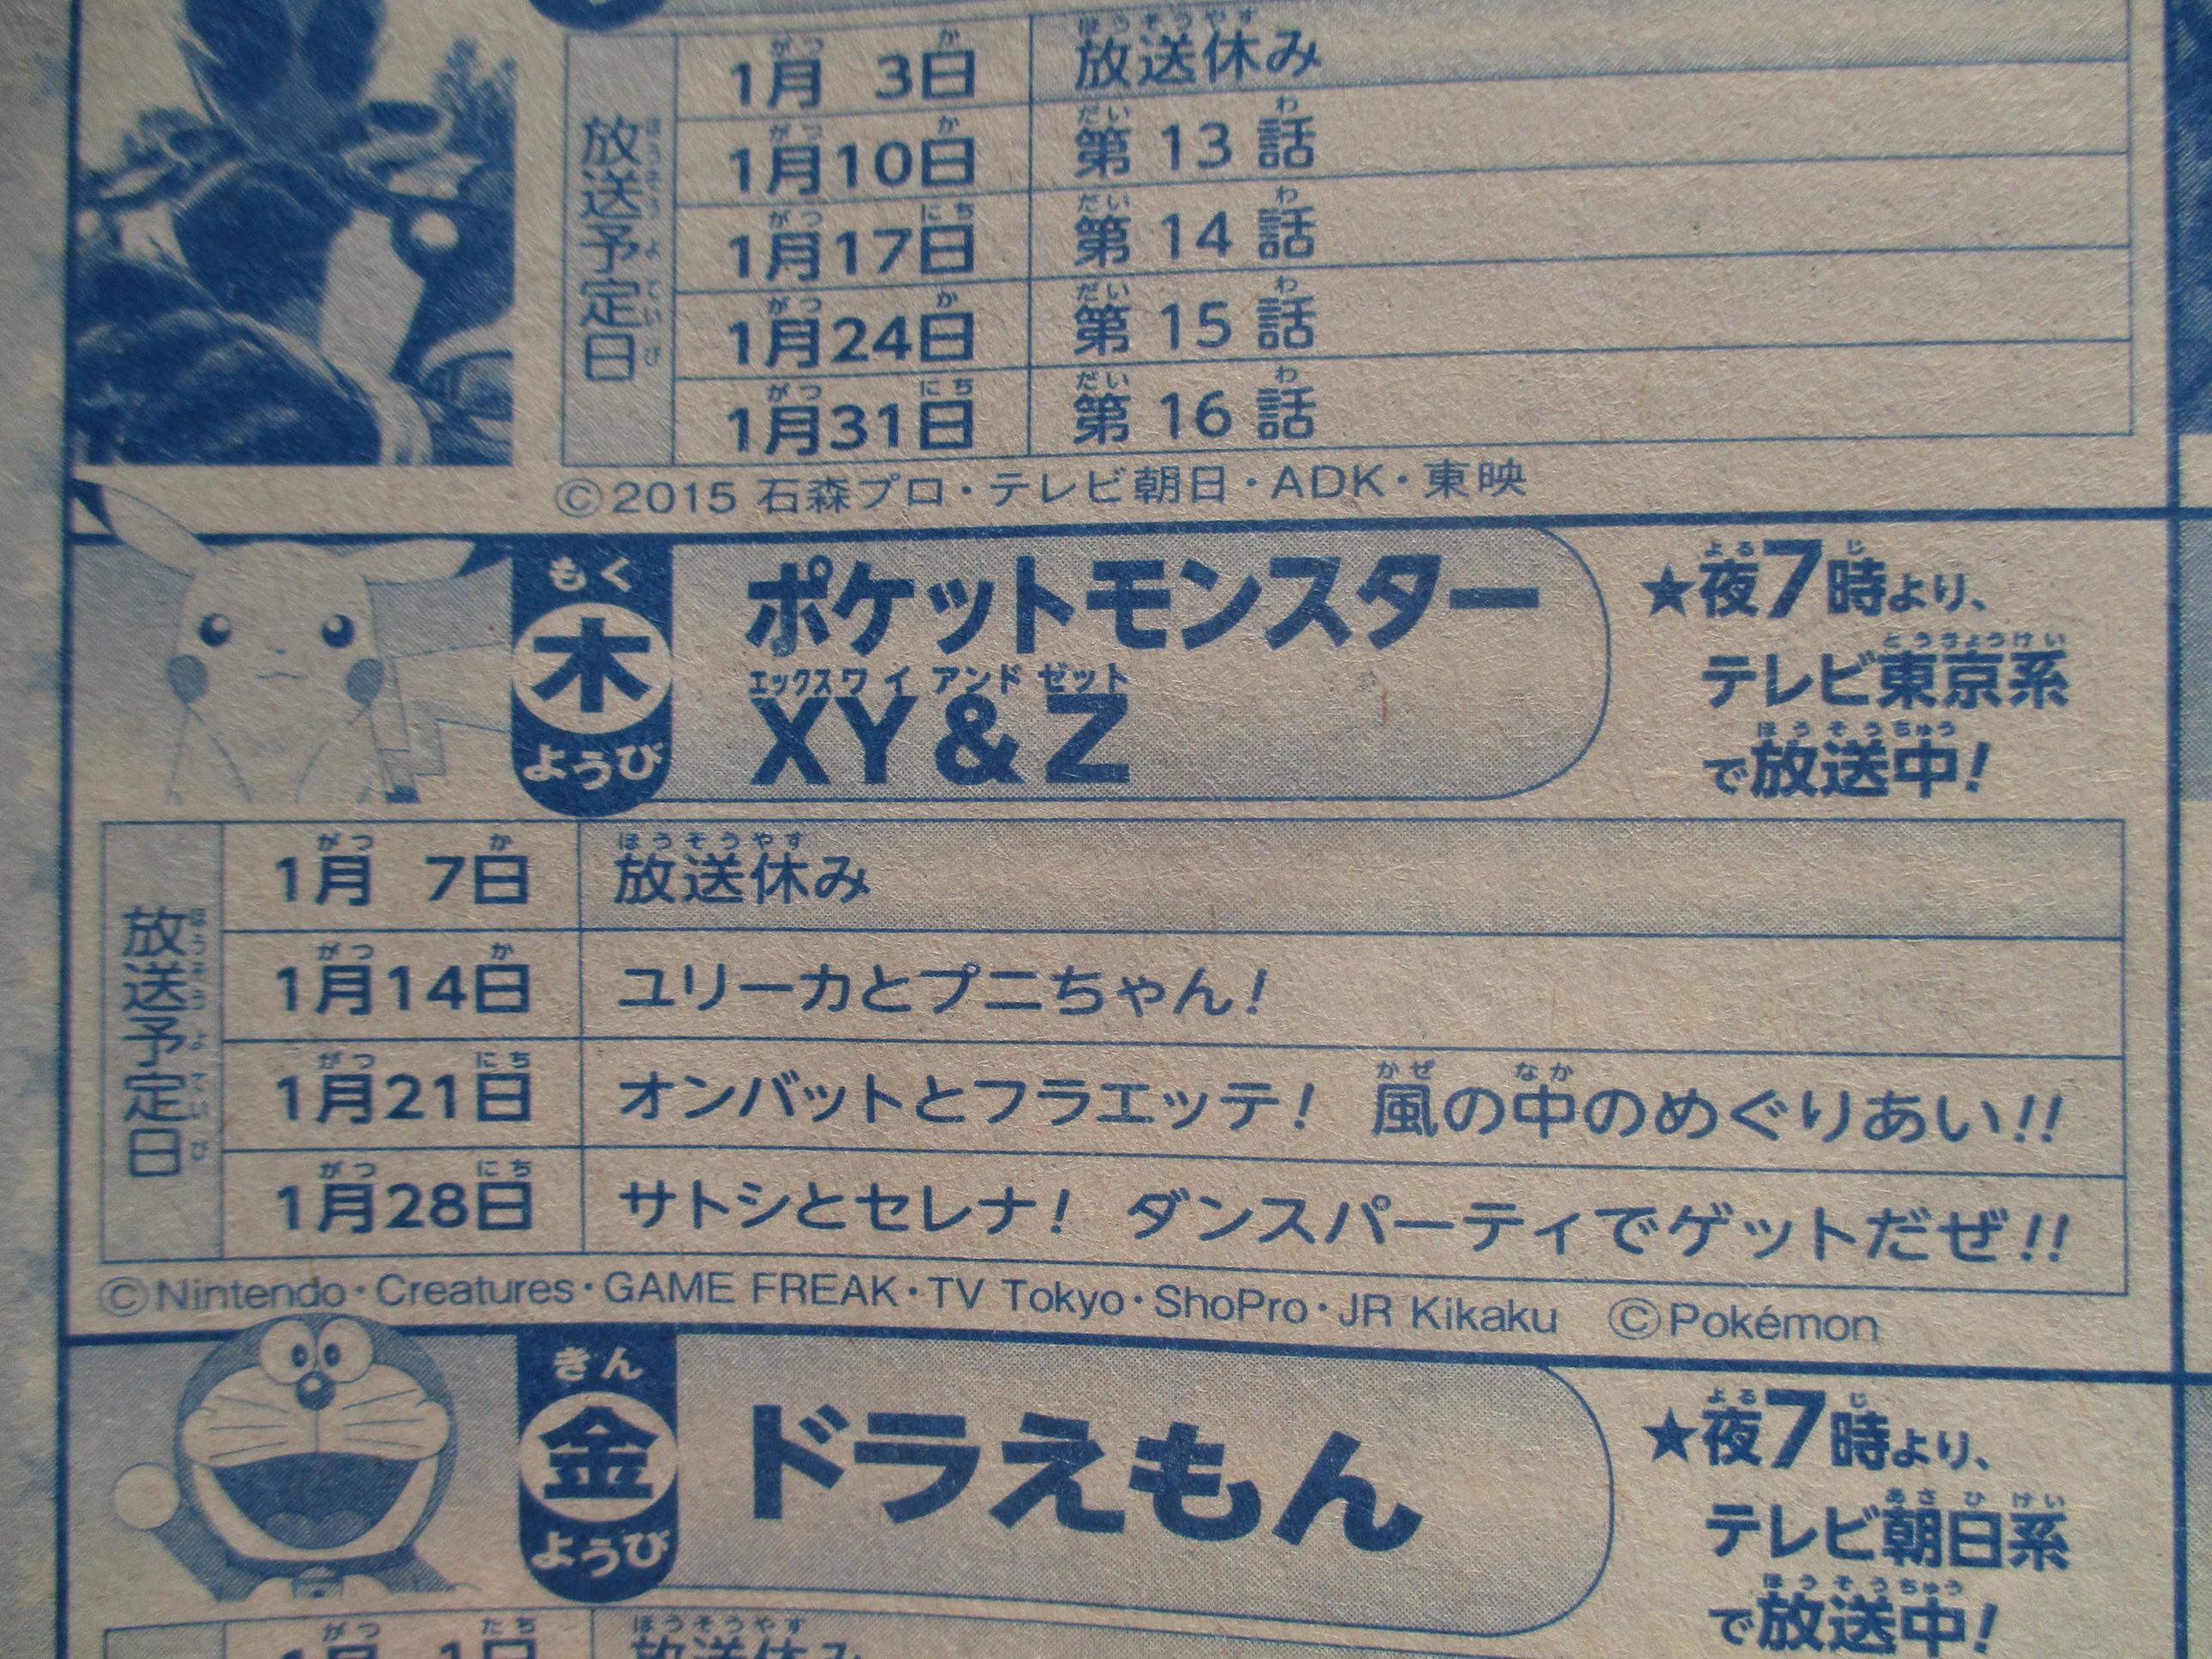 #XY&Z012